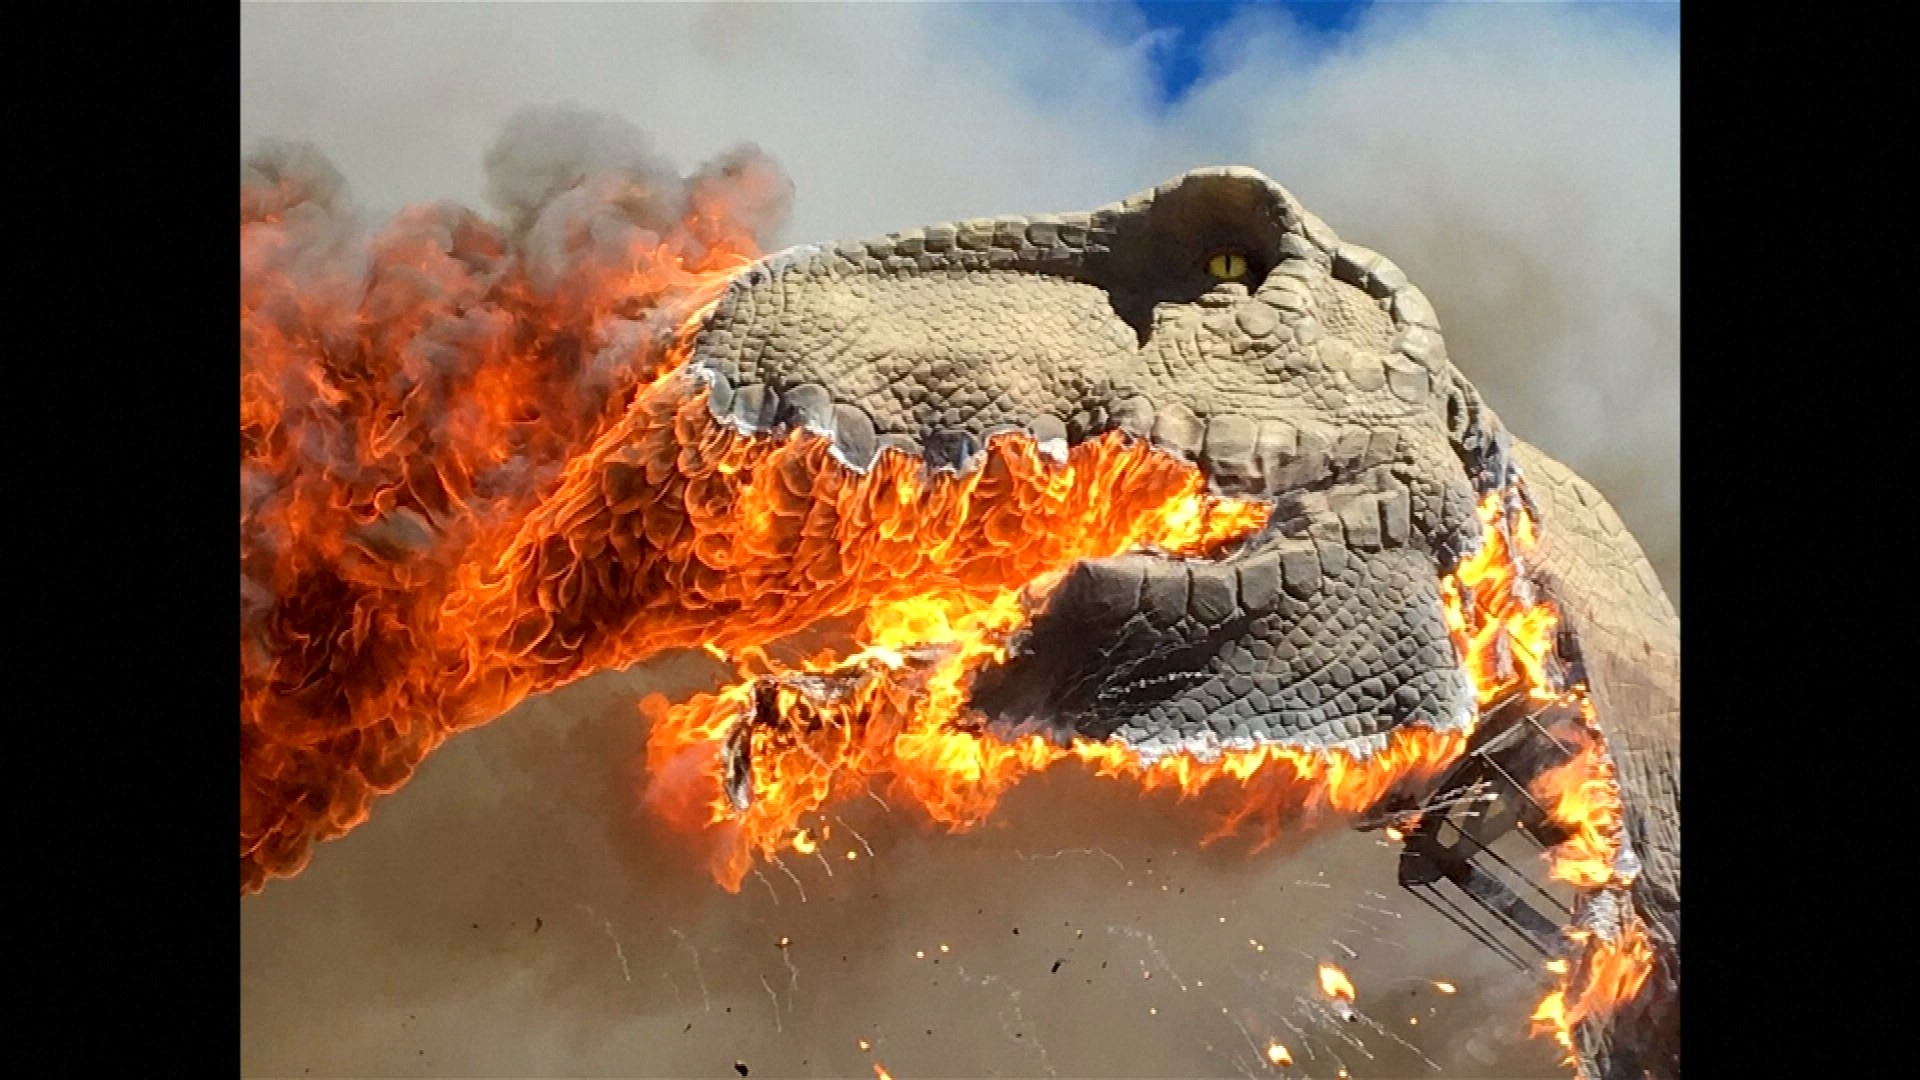 INSOLITE: Un T-Rex en flammes dans un parc à dinosaures